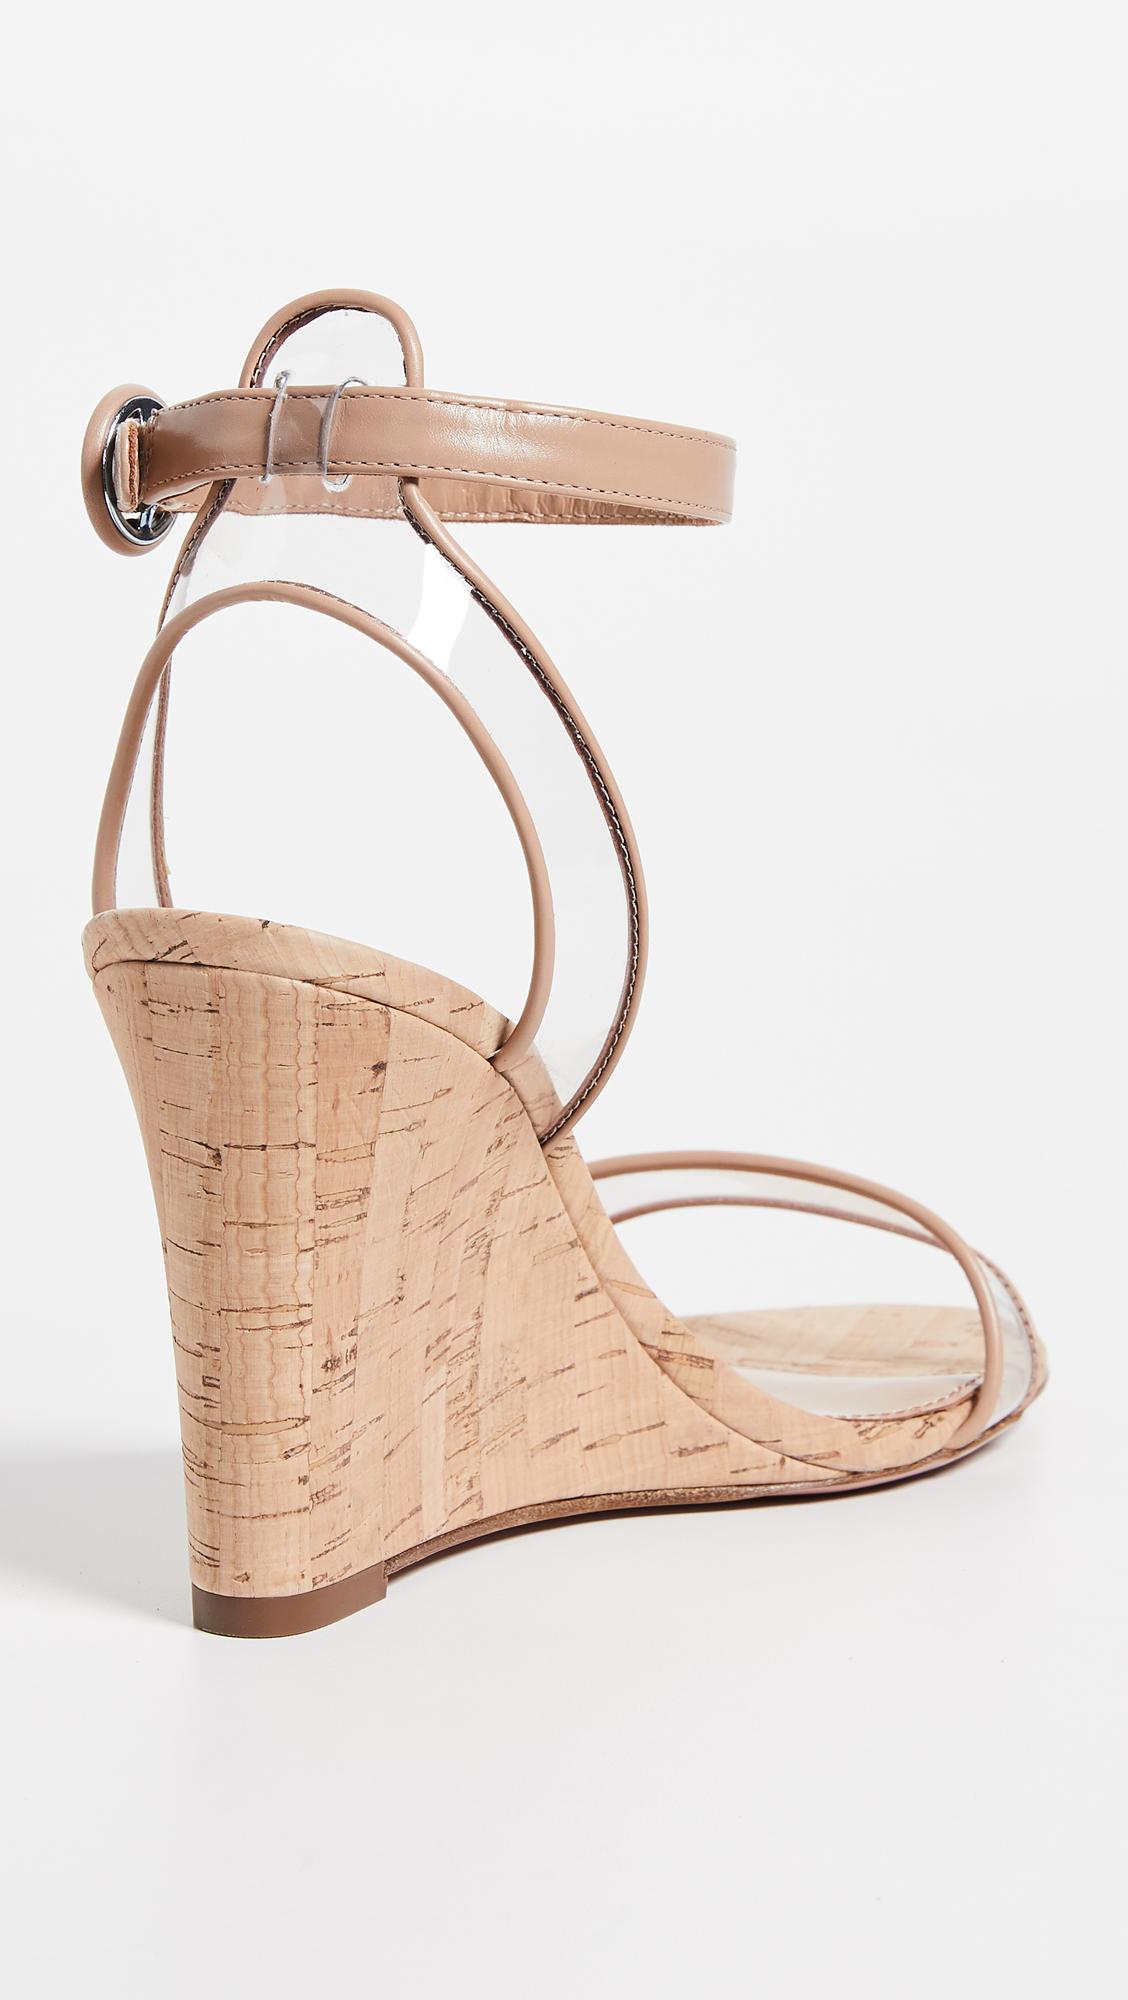 d69f5a2dbcf Aquazzura Minimalist 85mm Wedge Sandals